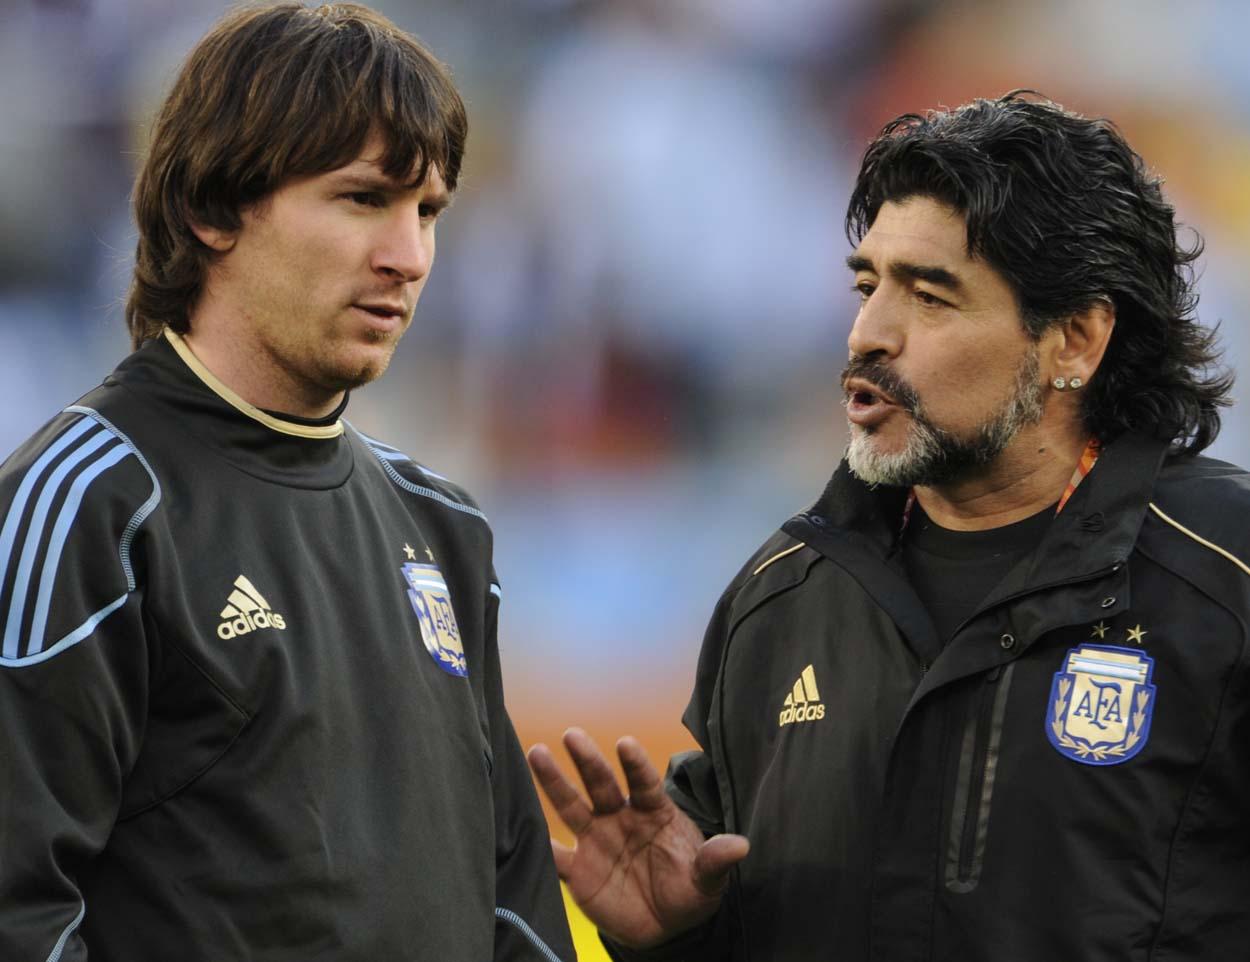 """Диего Марадона: """"Не учил Месси исполнять штрафные, просто сказал бить в центр мяча. Теперь он не промахивается"""""""